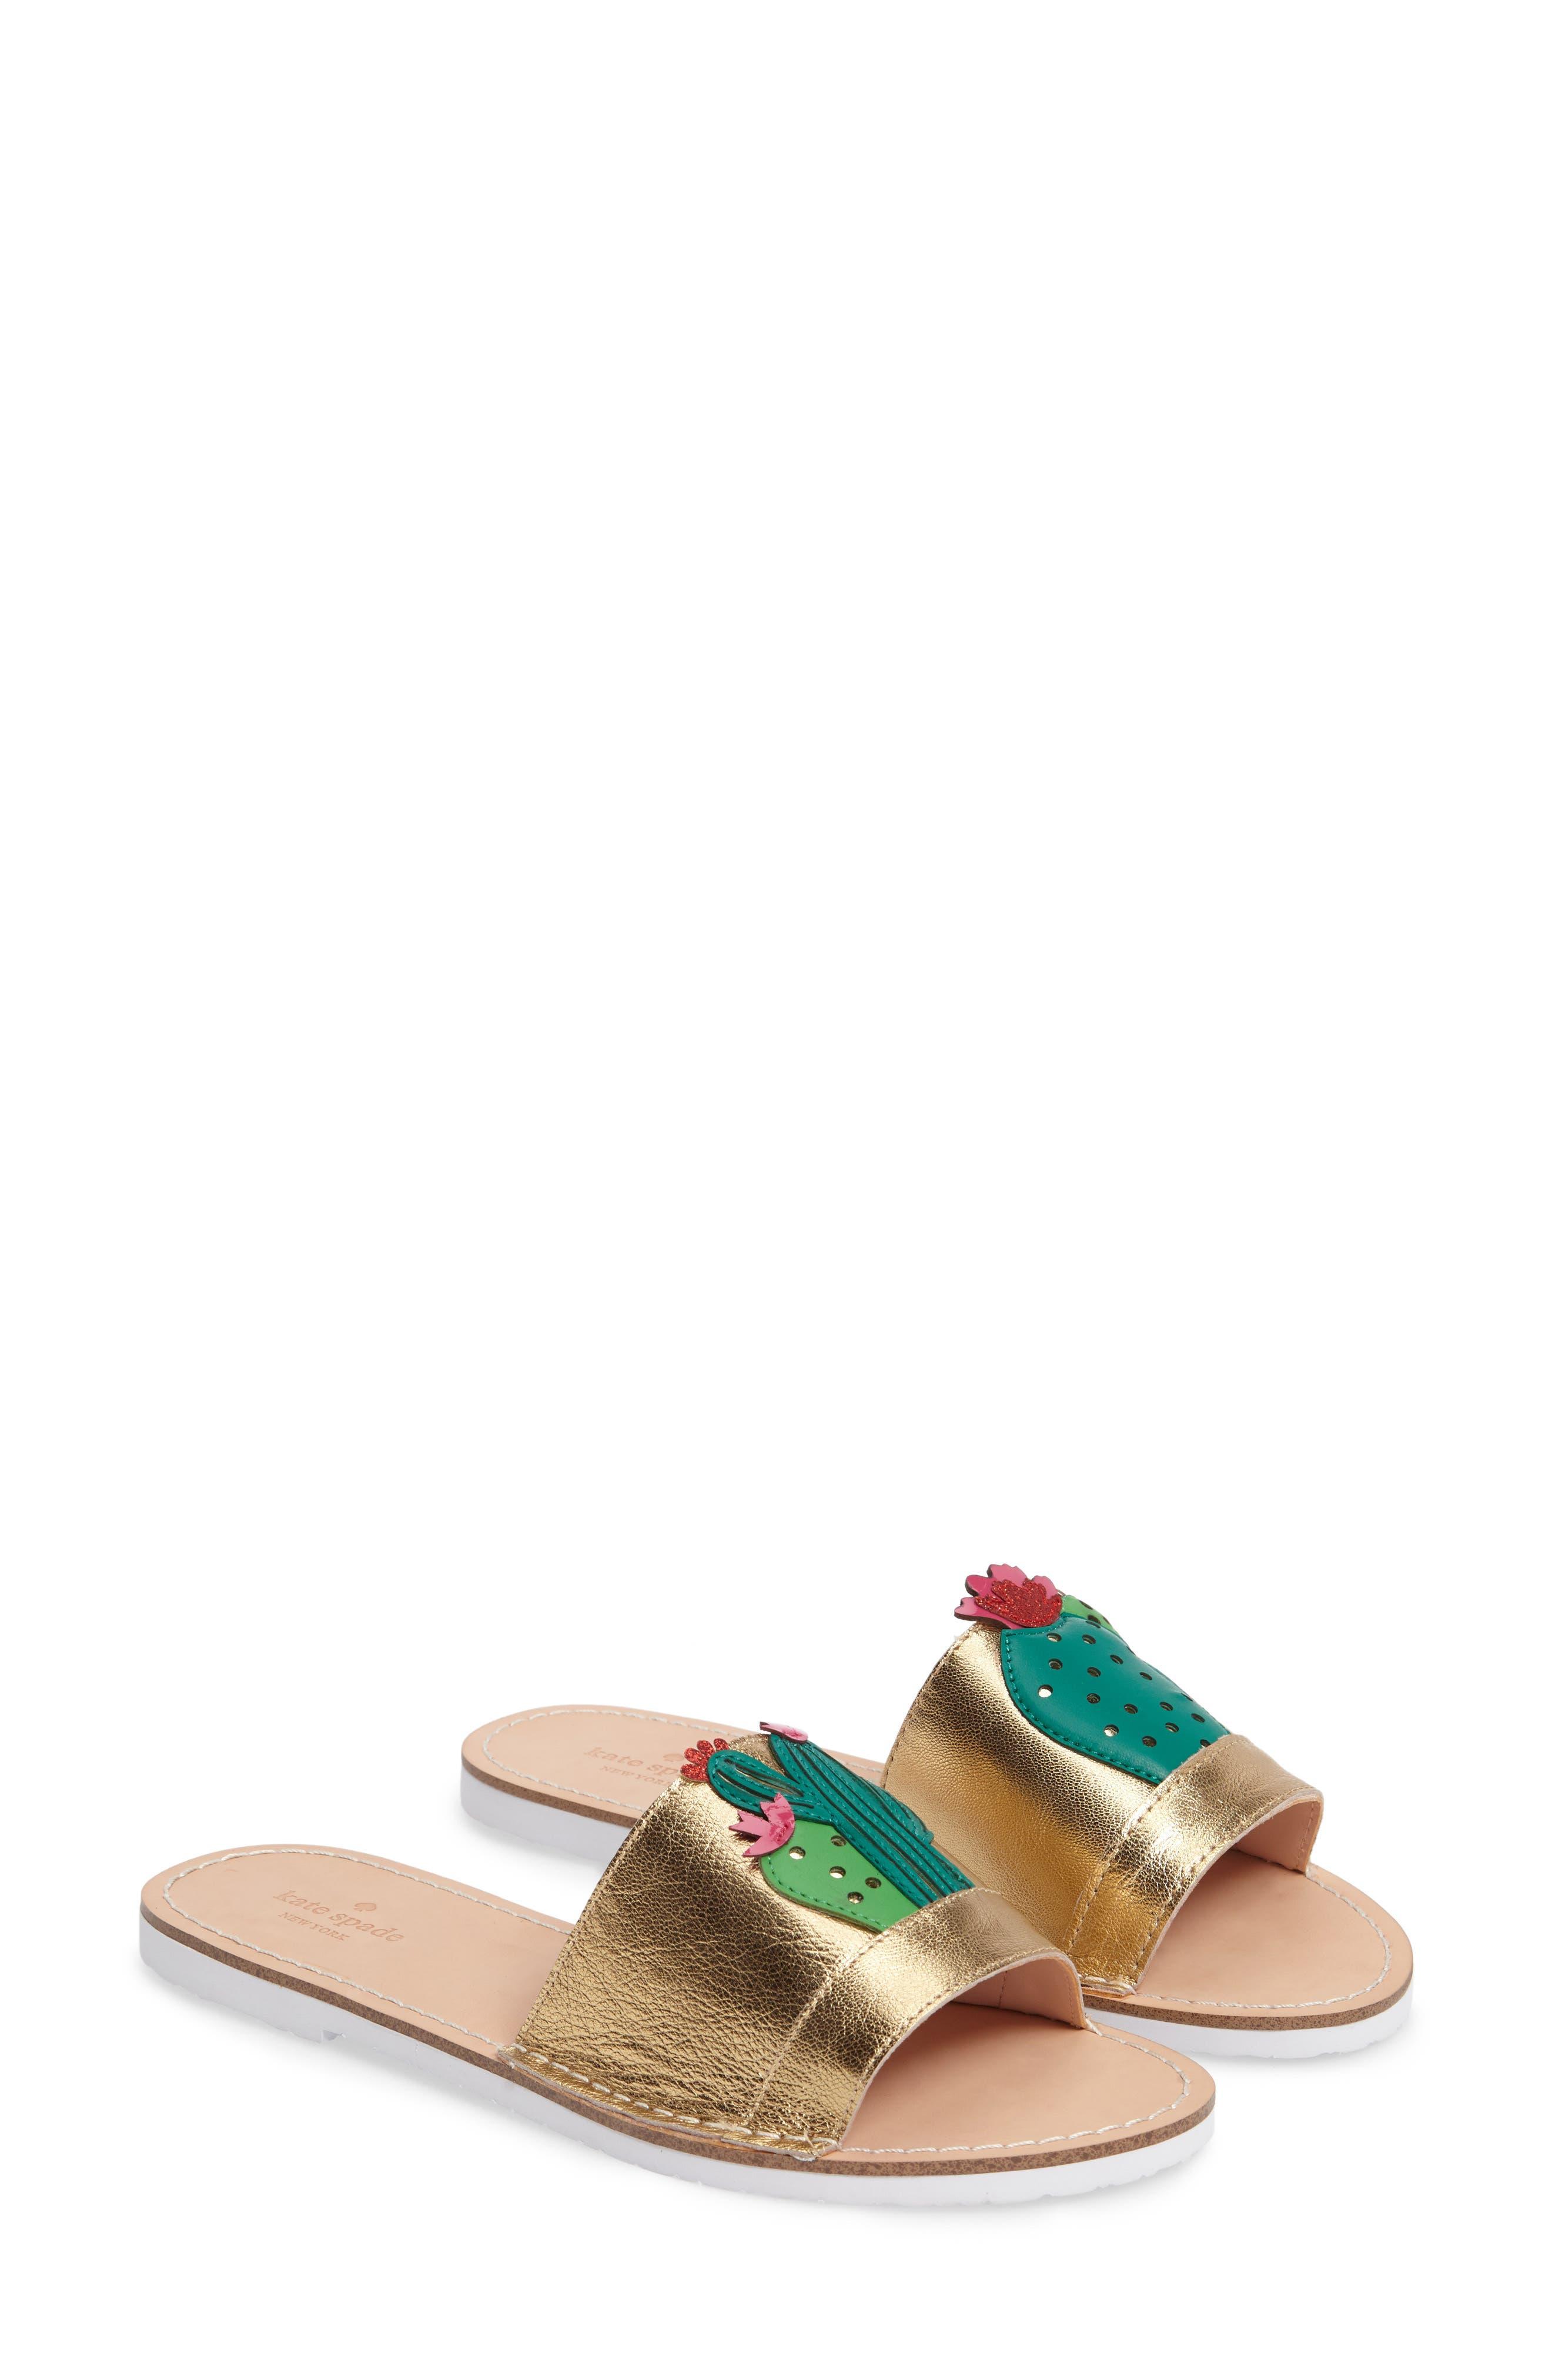 Alternate Image 1 Selected - kate spade new york iguana slide sandal (Women)